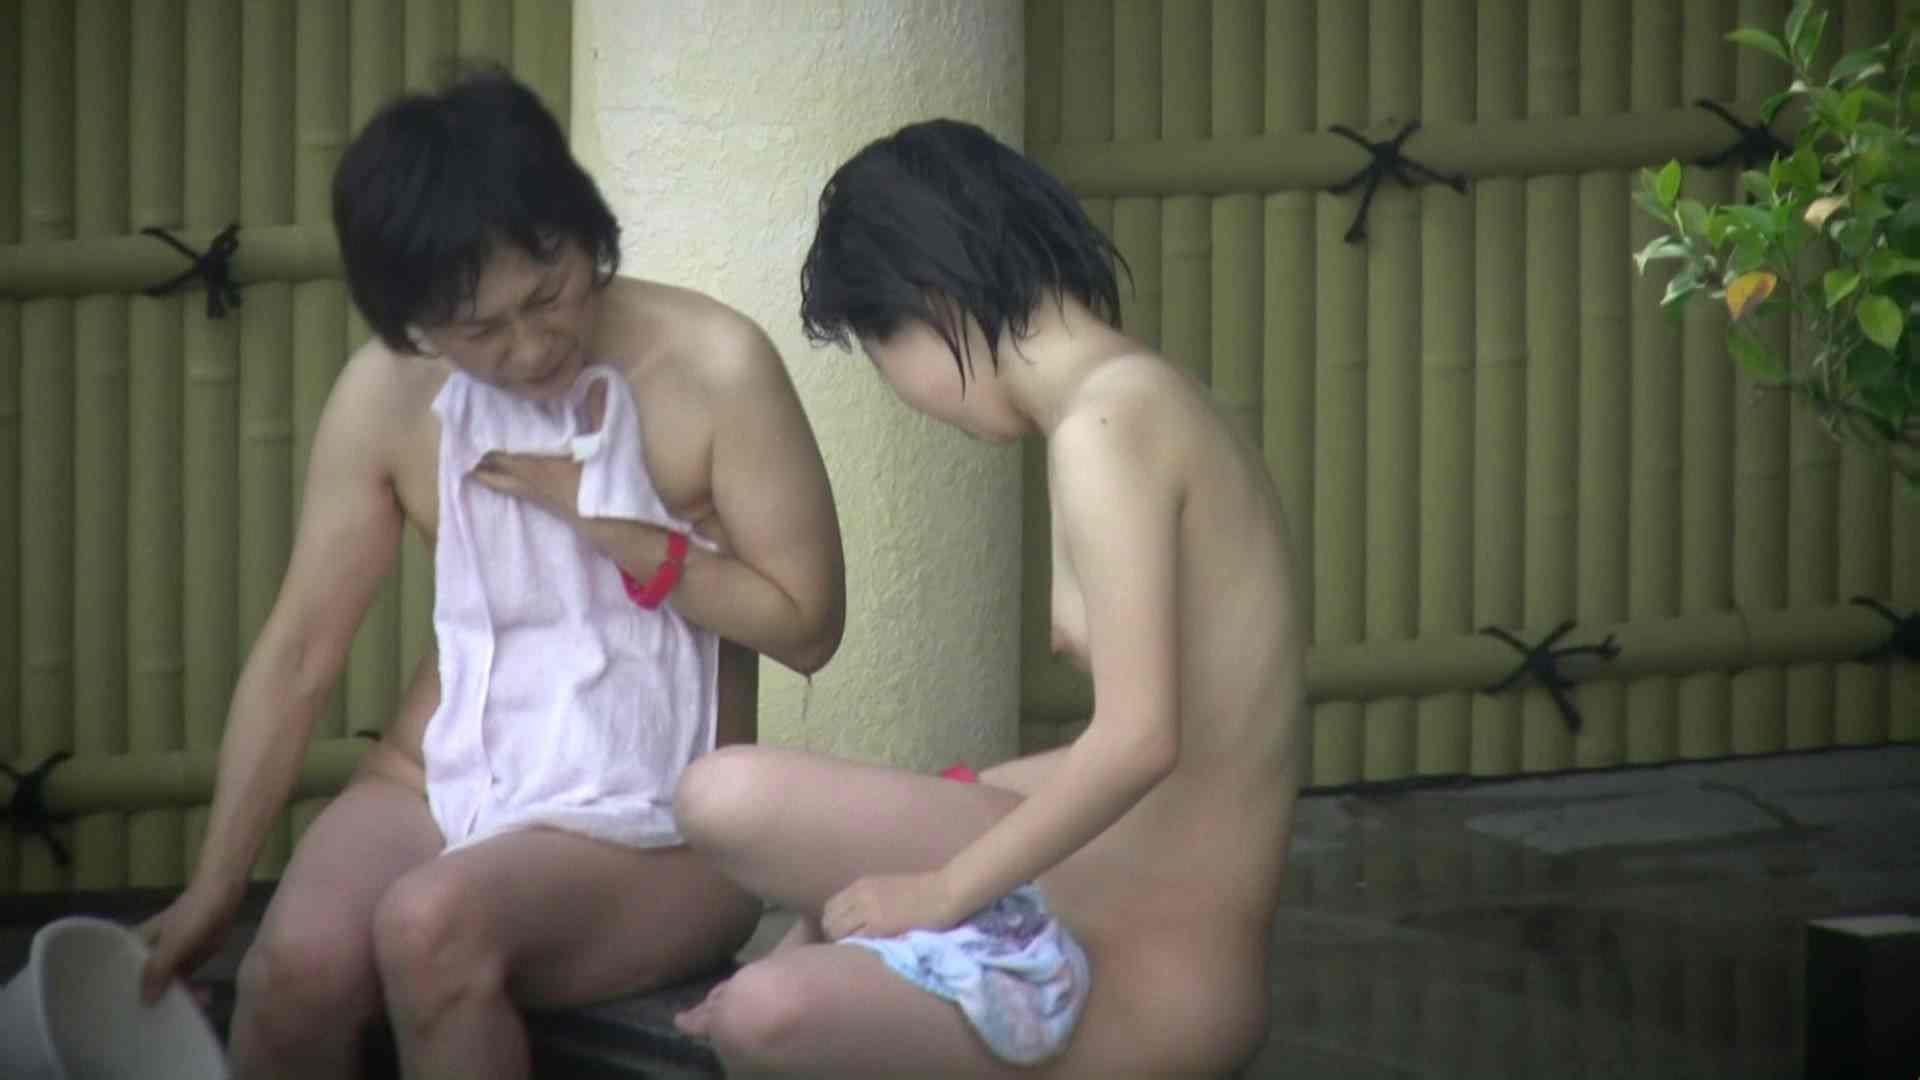 Aquaな露天風呂Vol.06【VIP】 盗撮  87枚 87